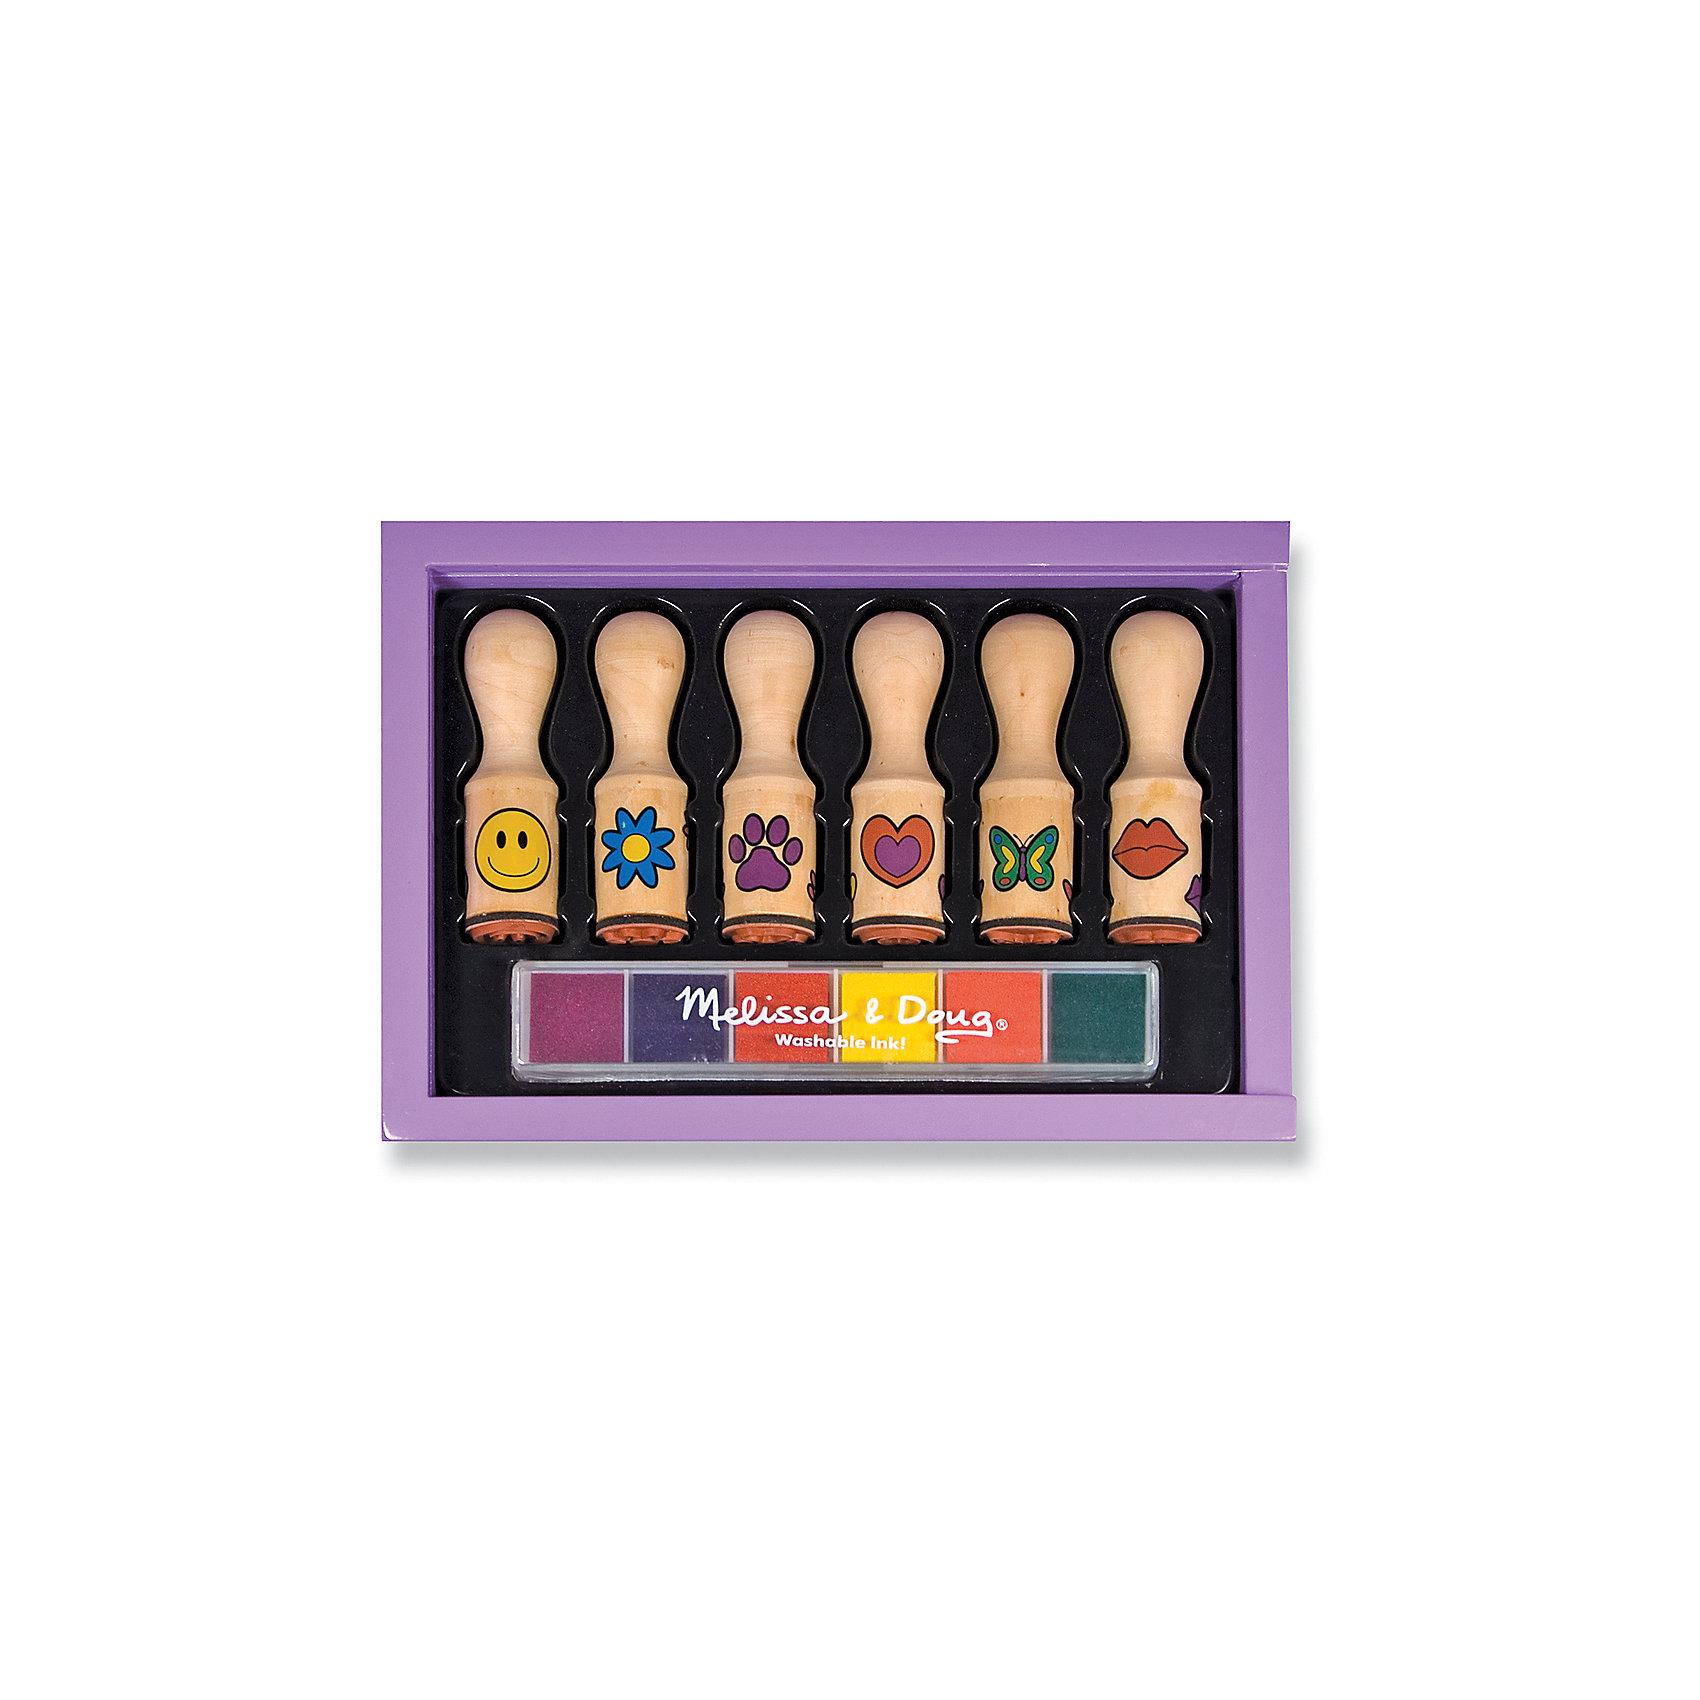 Набор печатей Веселая ручкаРисование<br>Дети обожают штампики, с их помощью можно украсить открытку, тетрадь, рисунок или альбом, создать оригинальную картинку. Этот набор состоит из шести деревянных печатей с удобными ручками, на которые нанесены рисунки. Также в комплект входят шесть губок разных цветов, пропитанных нетоксичными чернилами. Набор развивает воображение, фантазию и очень увлекает юных художников. Компания Melissa&amp;Doug придерживается самых высоких стандартов качества и безопасности, используя в производстве своей продукции только экологичные материалы и гипоаллергенные красители.<br><br>Дополнительная информация:<br><br>- Размер упаковки: 19x13x3 см<br>- Материал: дерево, прессованный картон, ПВХ.<br>- Комплектация: штампы (6 шт), губки, пропитанные разноцветными чернилами (6 шт).<br><br>Набор печатей Веселая ручка можно купить в нашем магазине.<br><br>Ширина мм: 140<br>Глубина мм: 190<br>Высота мм: 30<br>Вес г: 249<br>Возраст от месяцев: 48<br>Возраст до месяцев: 144<br>Пол: Унисекс<br>Возраст: Детский<br>SKU: 4407117